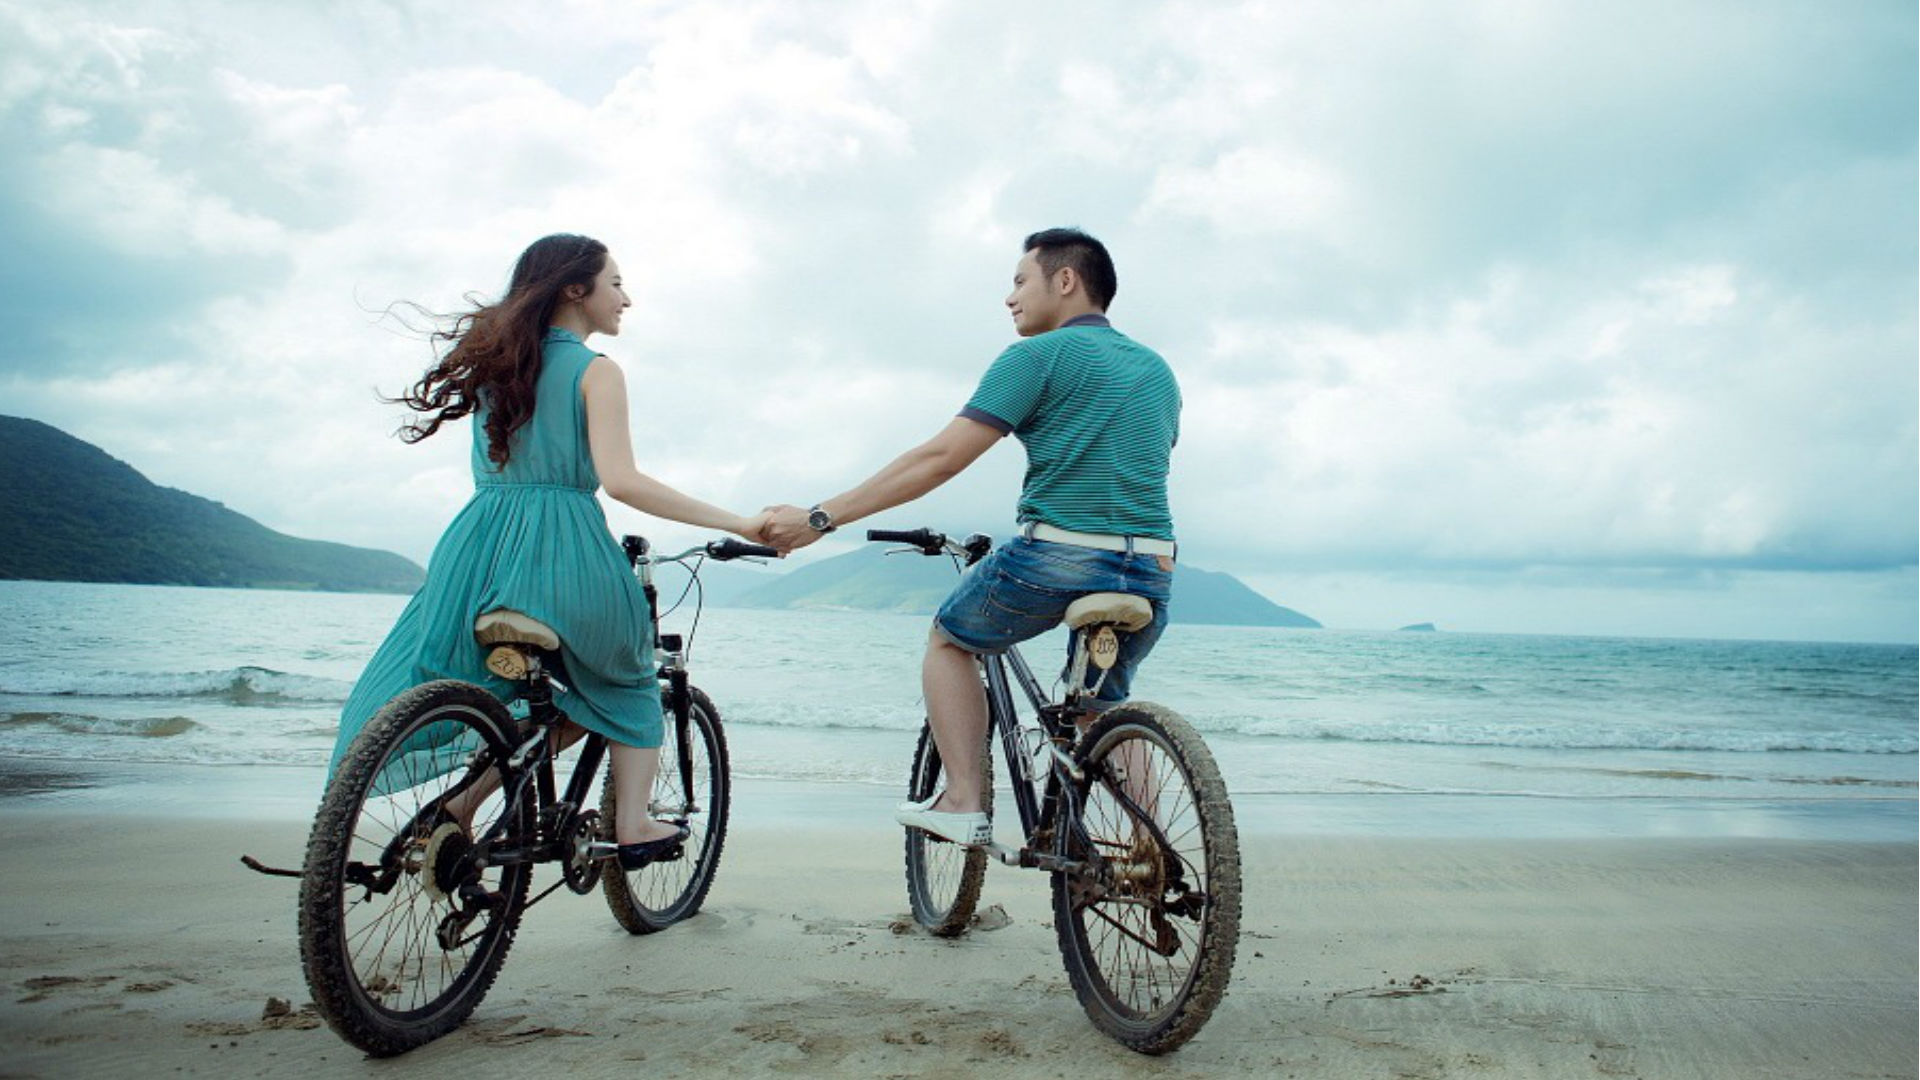 Best Honeymoon Destination: क्या हनीमून पर जा रहे हैं विदेश, खास लम्हों के लिए बेस्ट हैं ये फॉरेन डेस्टिनेशन